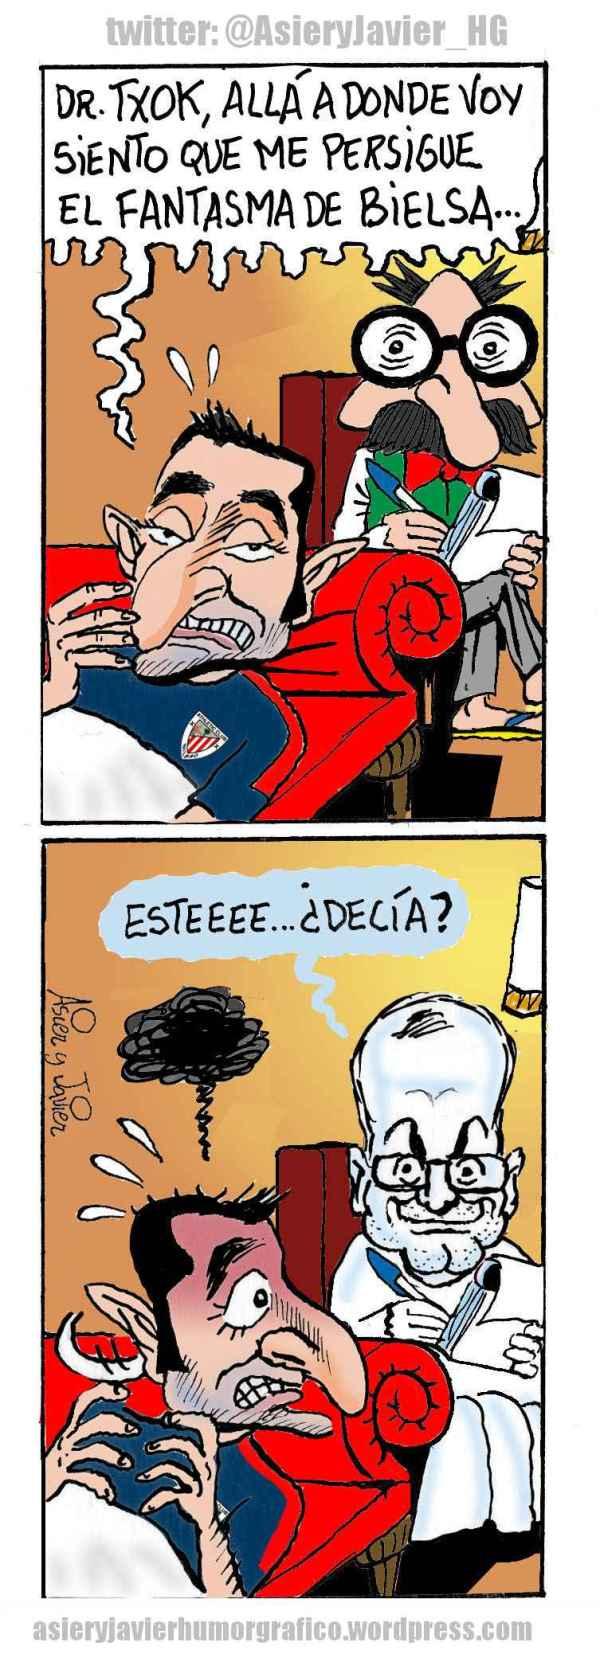 Ernesto Valverde, preocupado por el fantasma de Bielsa, en la consulta del doctor Txok